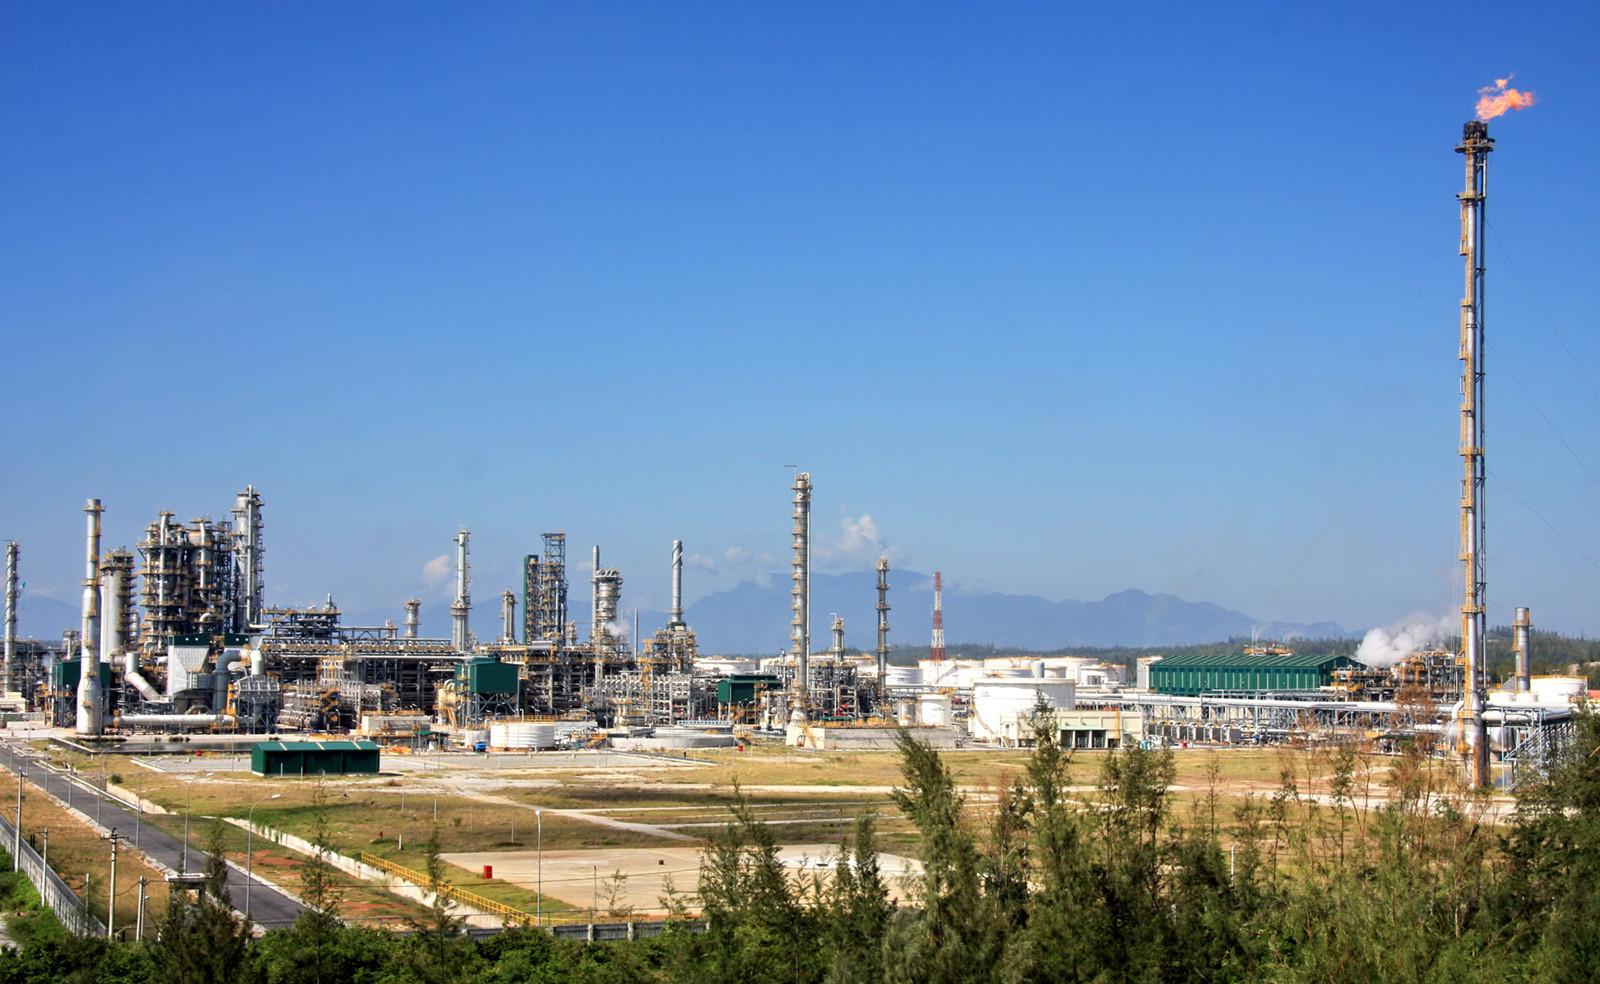 Công ty Cổ phần Lọc hóa dầu Bình Sơn mời tham dự Đại hội Cổ đông lần thứ nhất